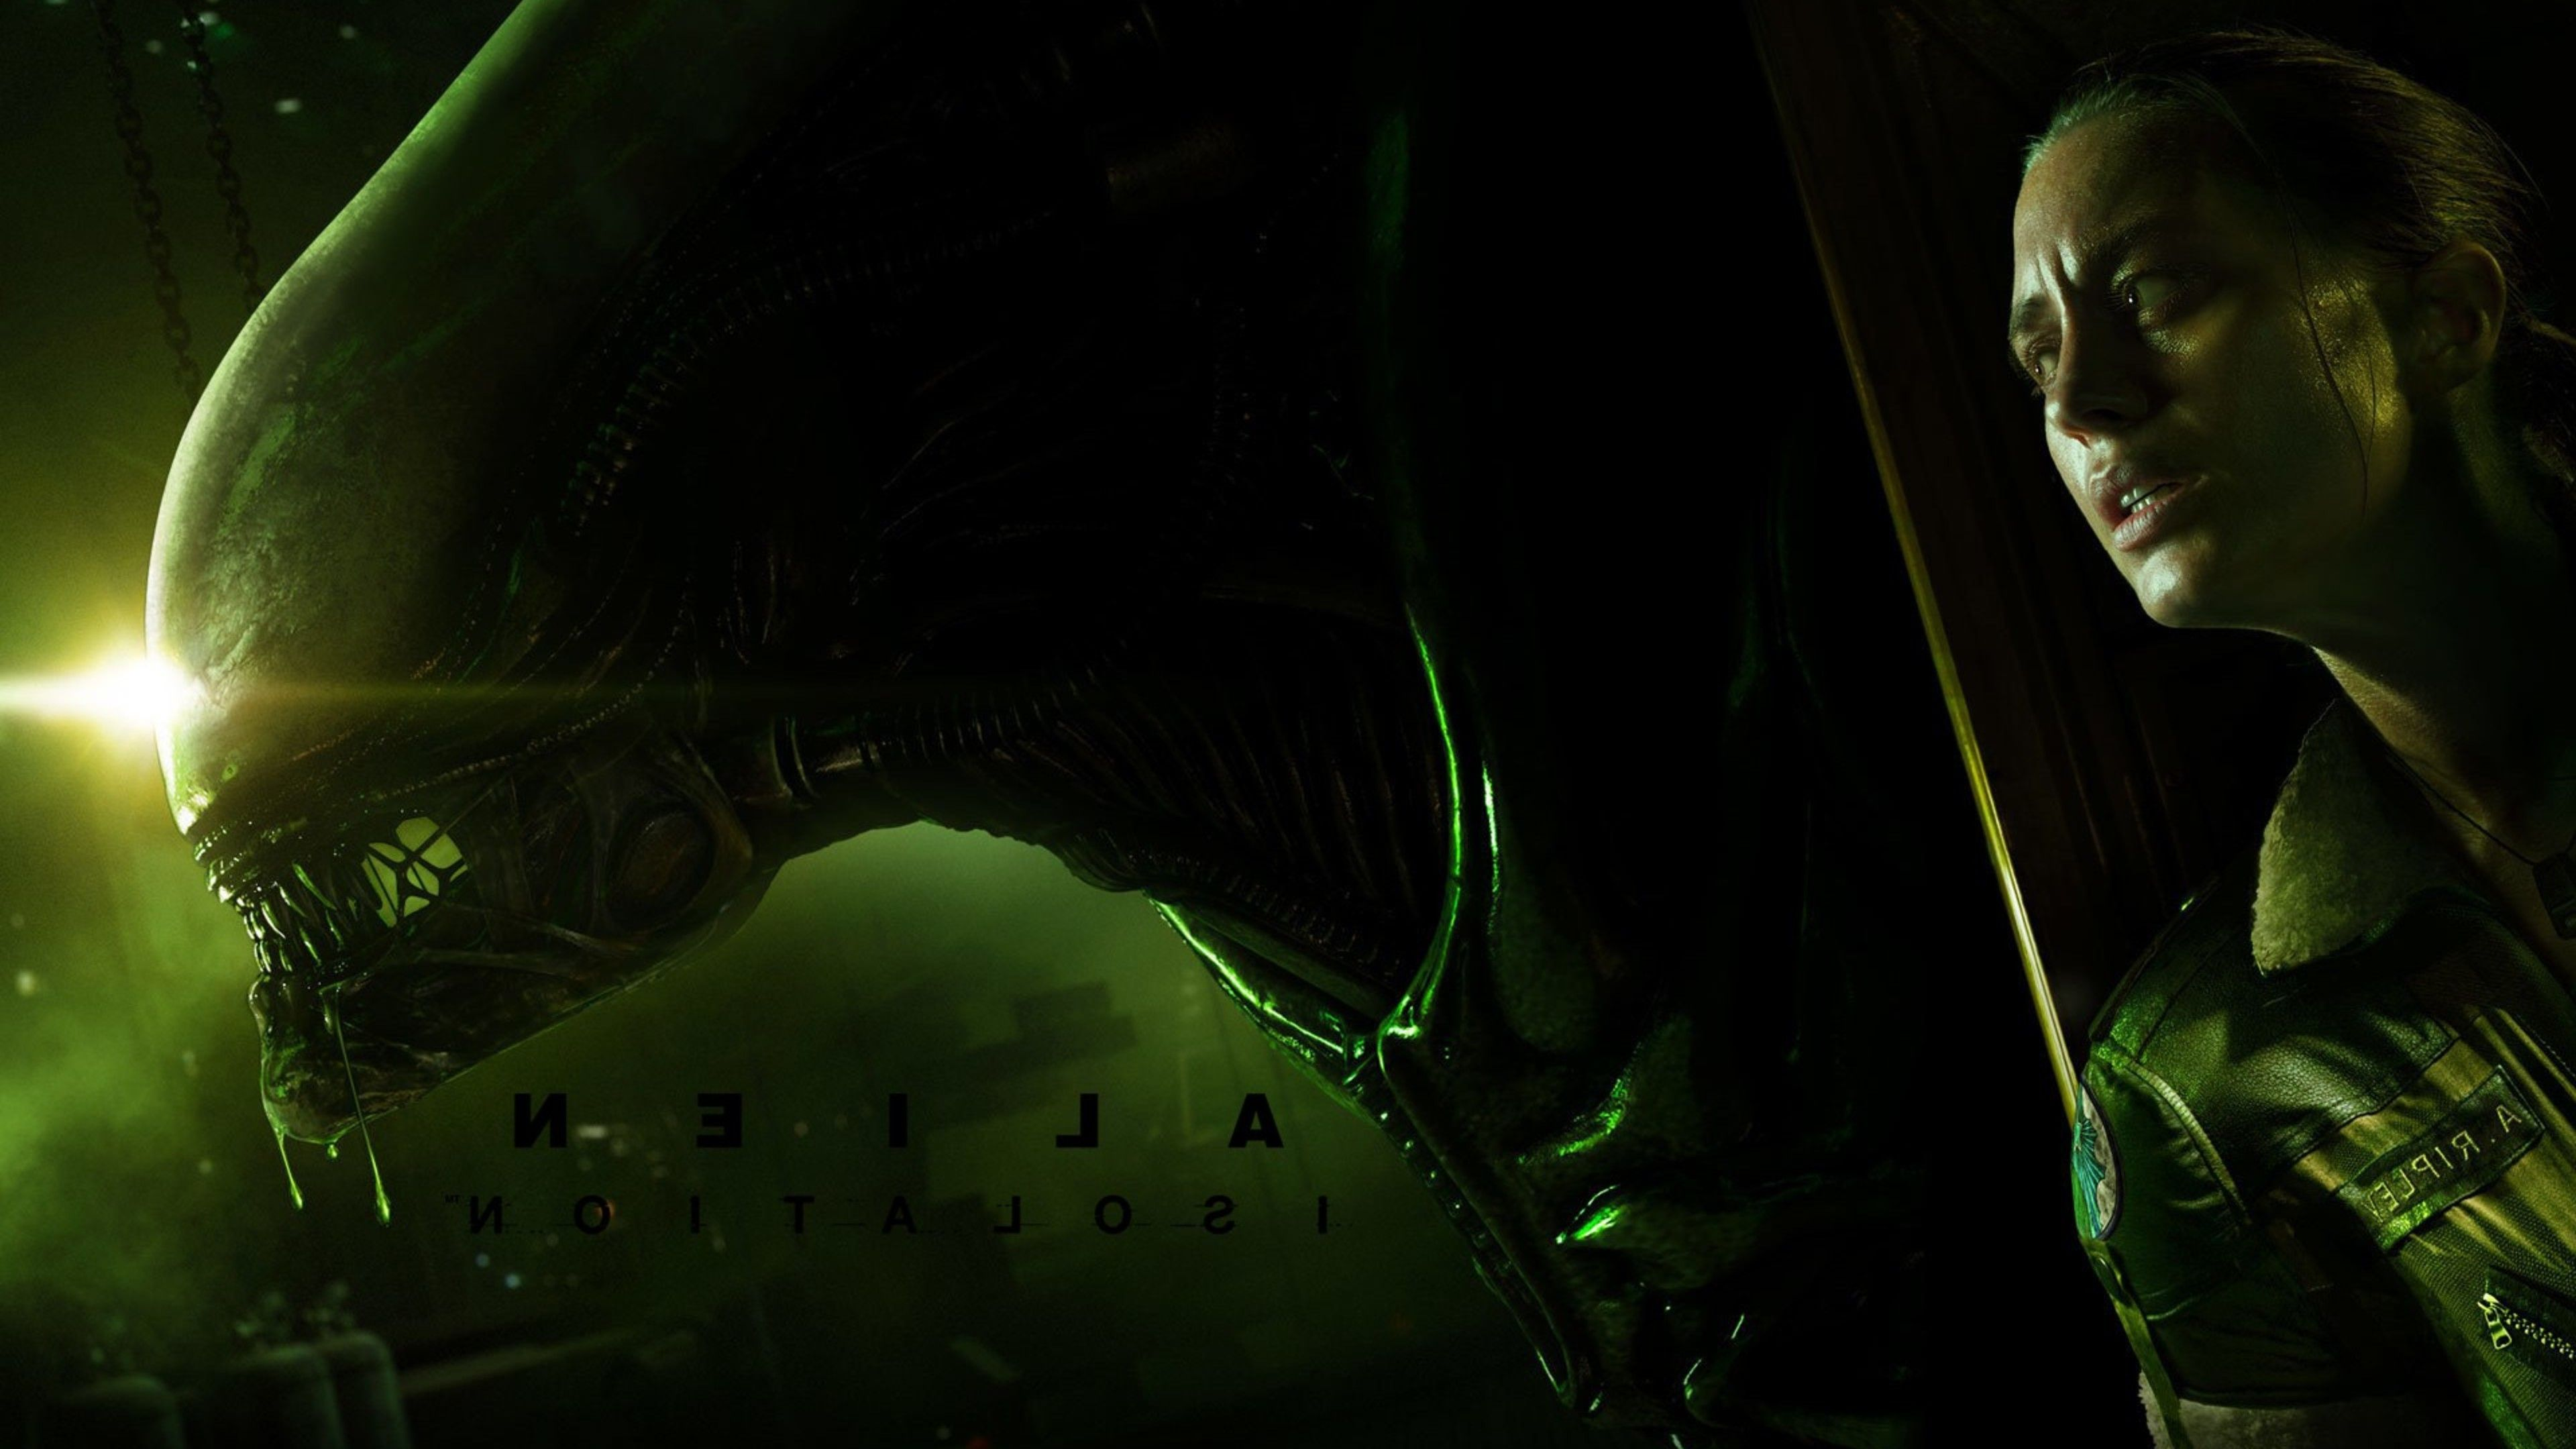 Alien Isolation Wallpaper Sdeerwallpaper Alien Isolation Alien Isolation Game Alien